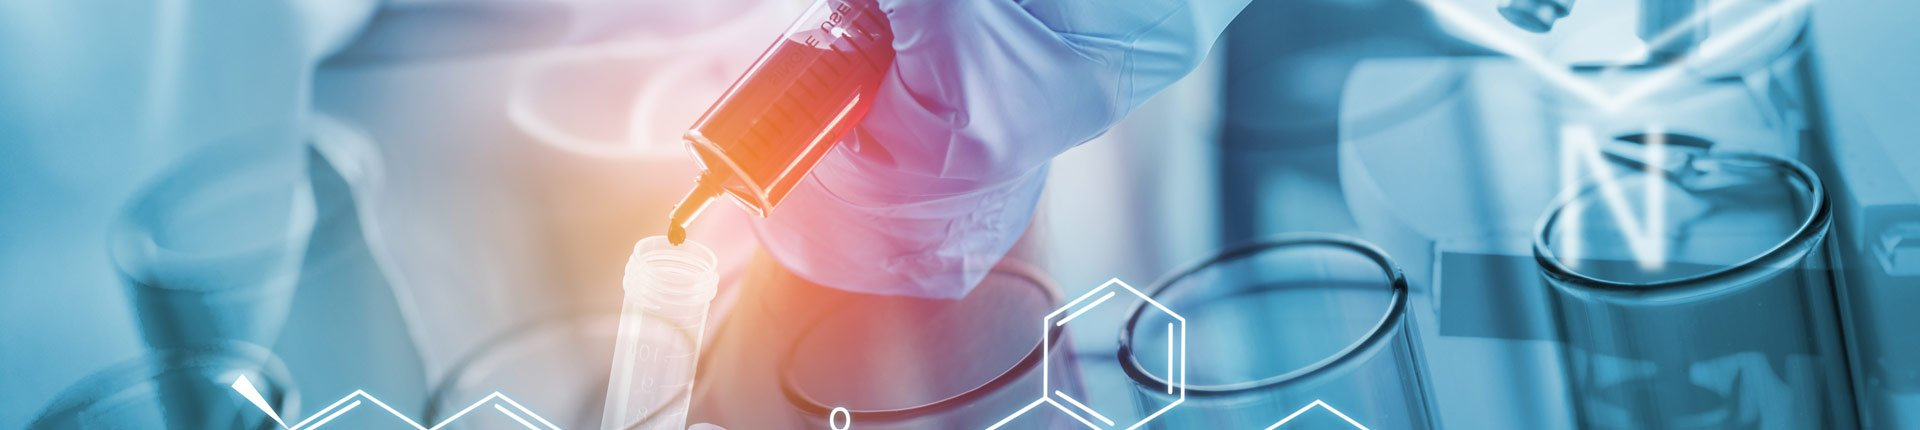 Cytryna i jej wpływ na ciśnienie krwi